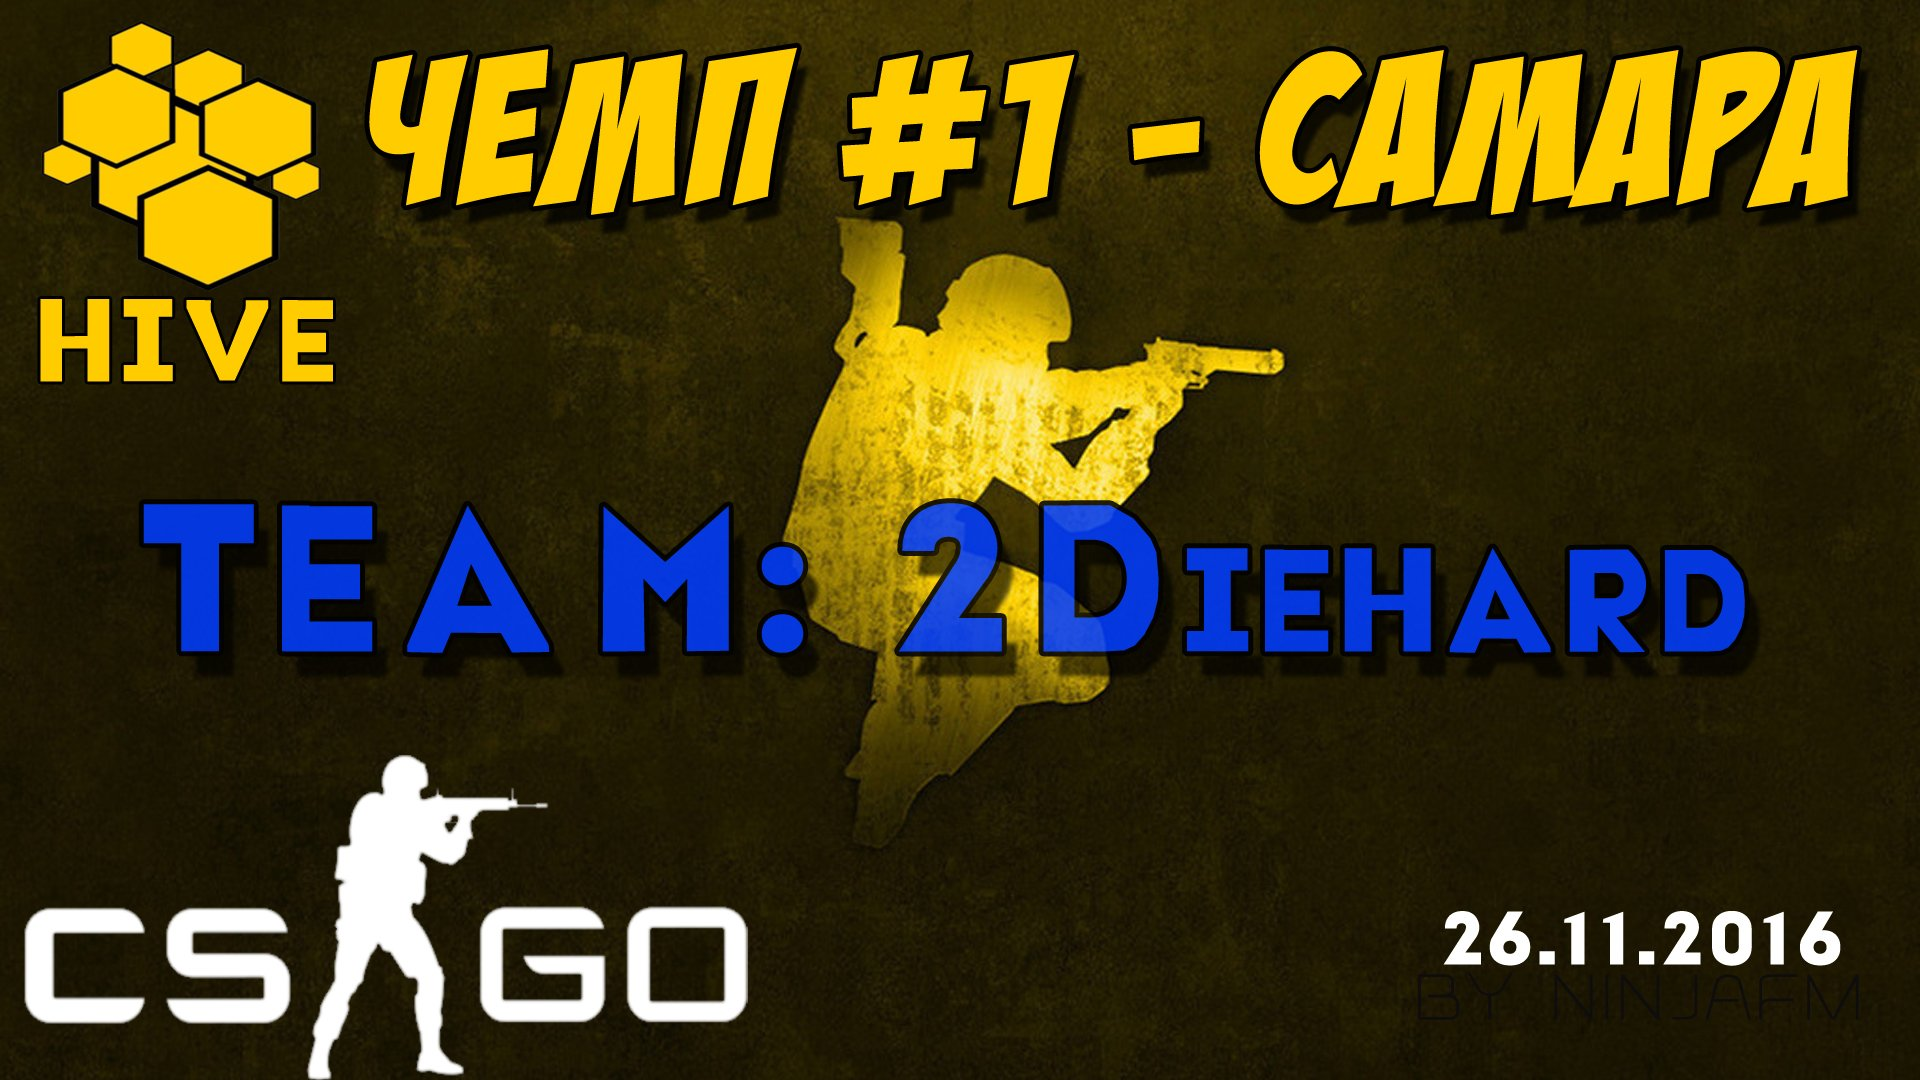 Соревнования CSGO - Чемп #1 Самара - Team 2Diehard  - Изображение 1